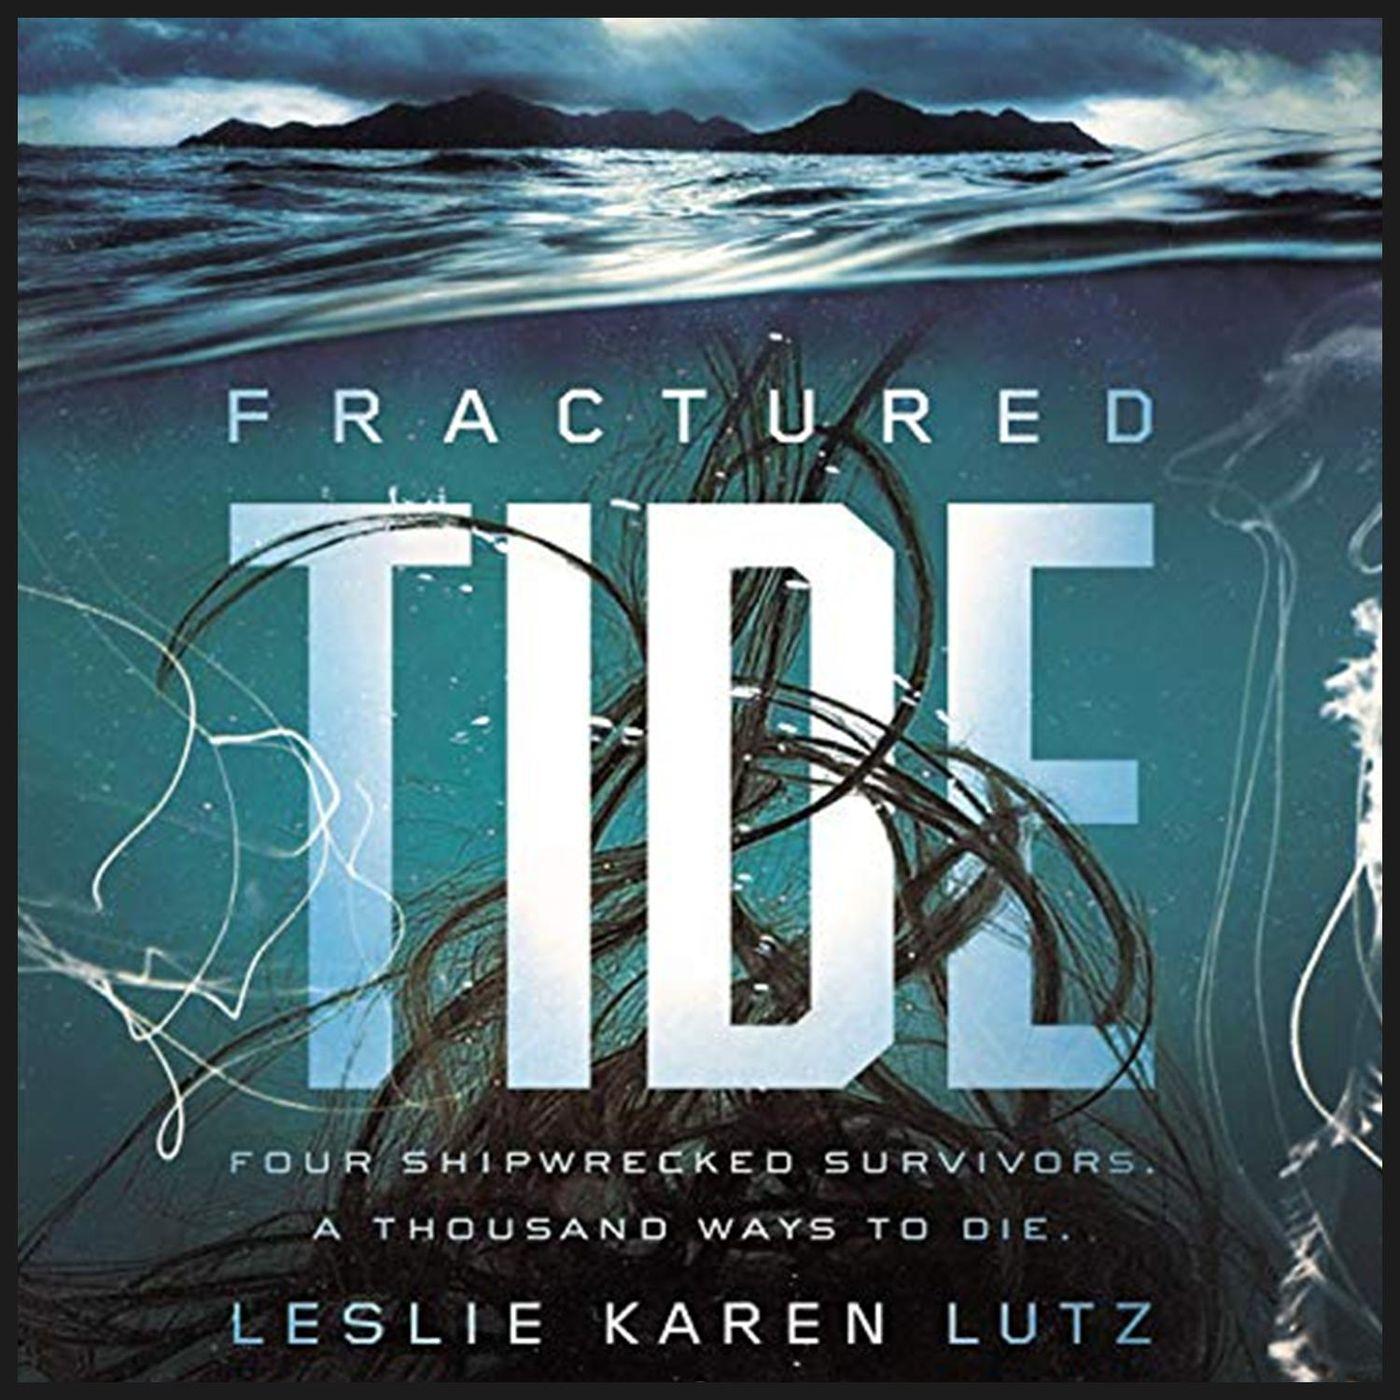 LESLIE LUTZ - Fractured Tide